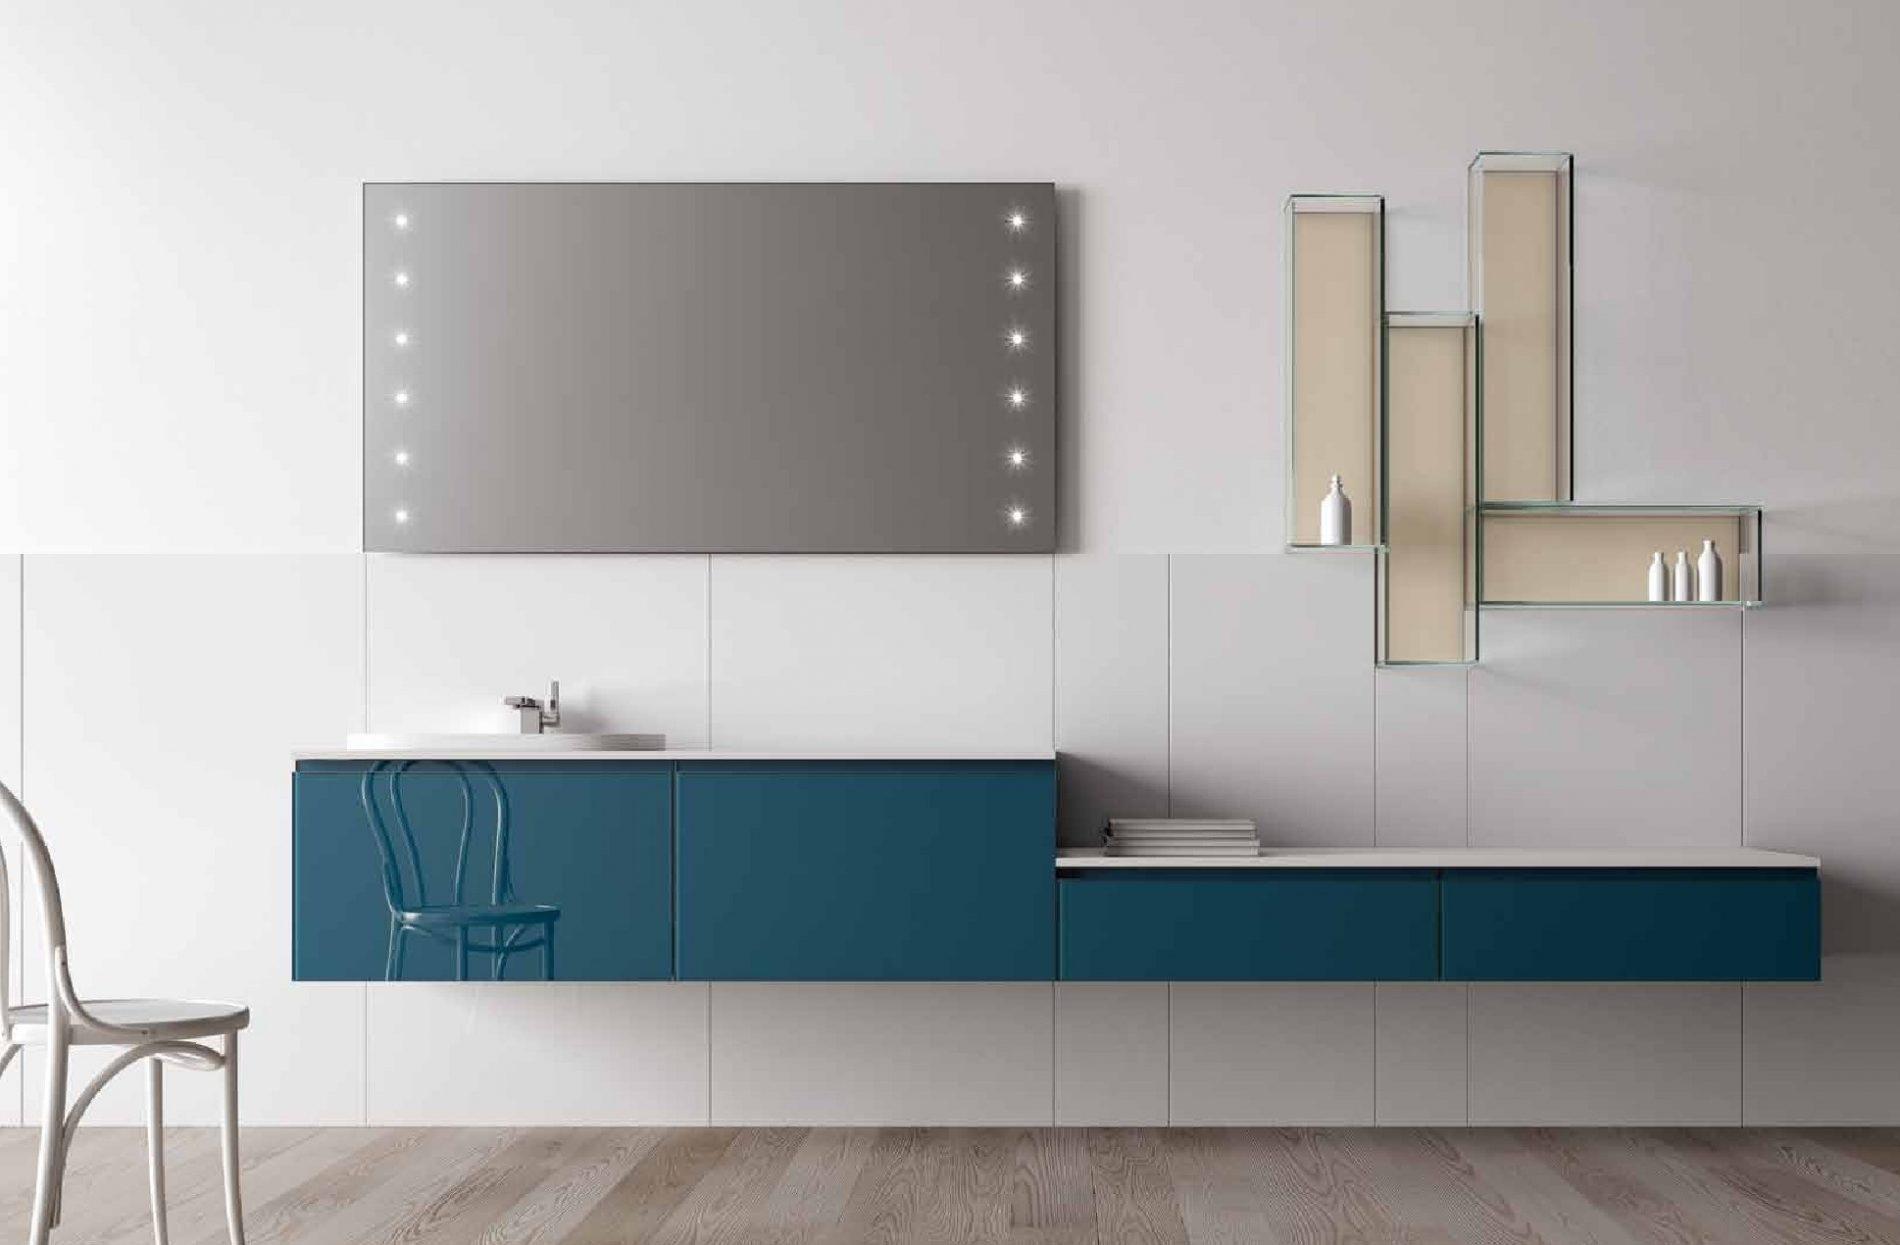 ארון אמבטיה מכוצב דגם דרים